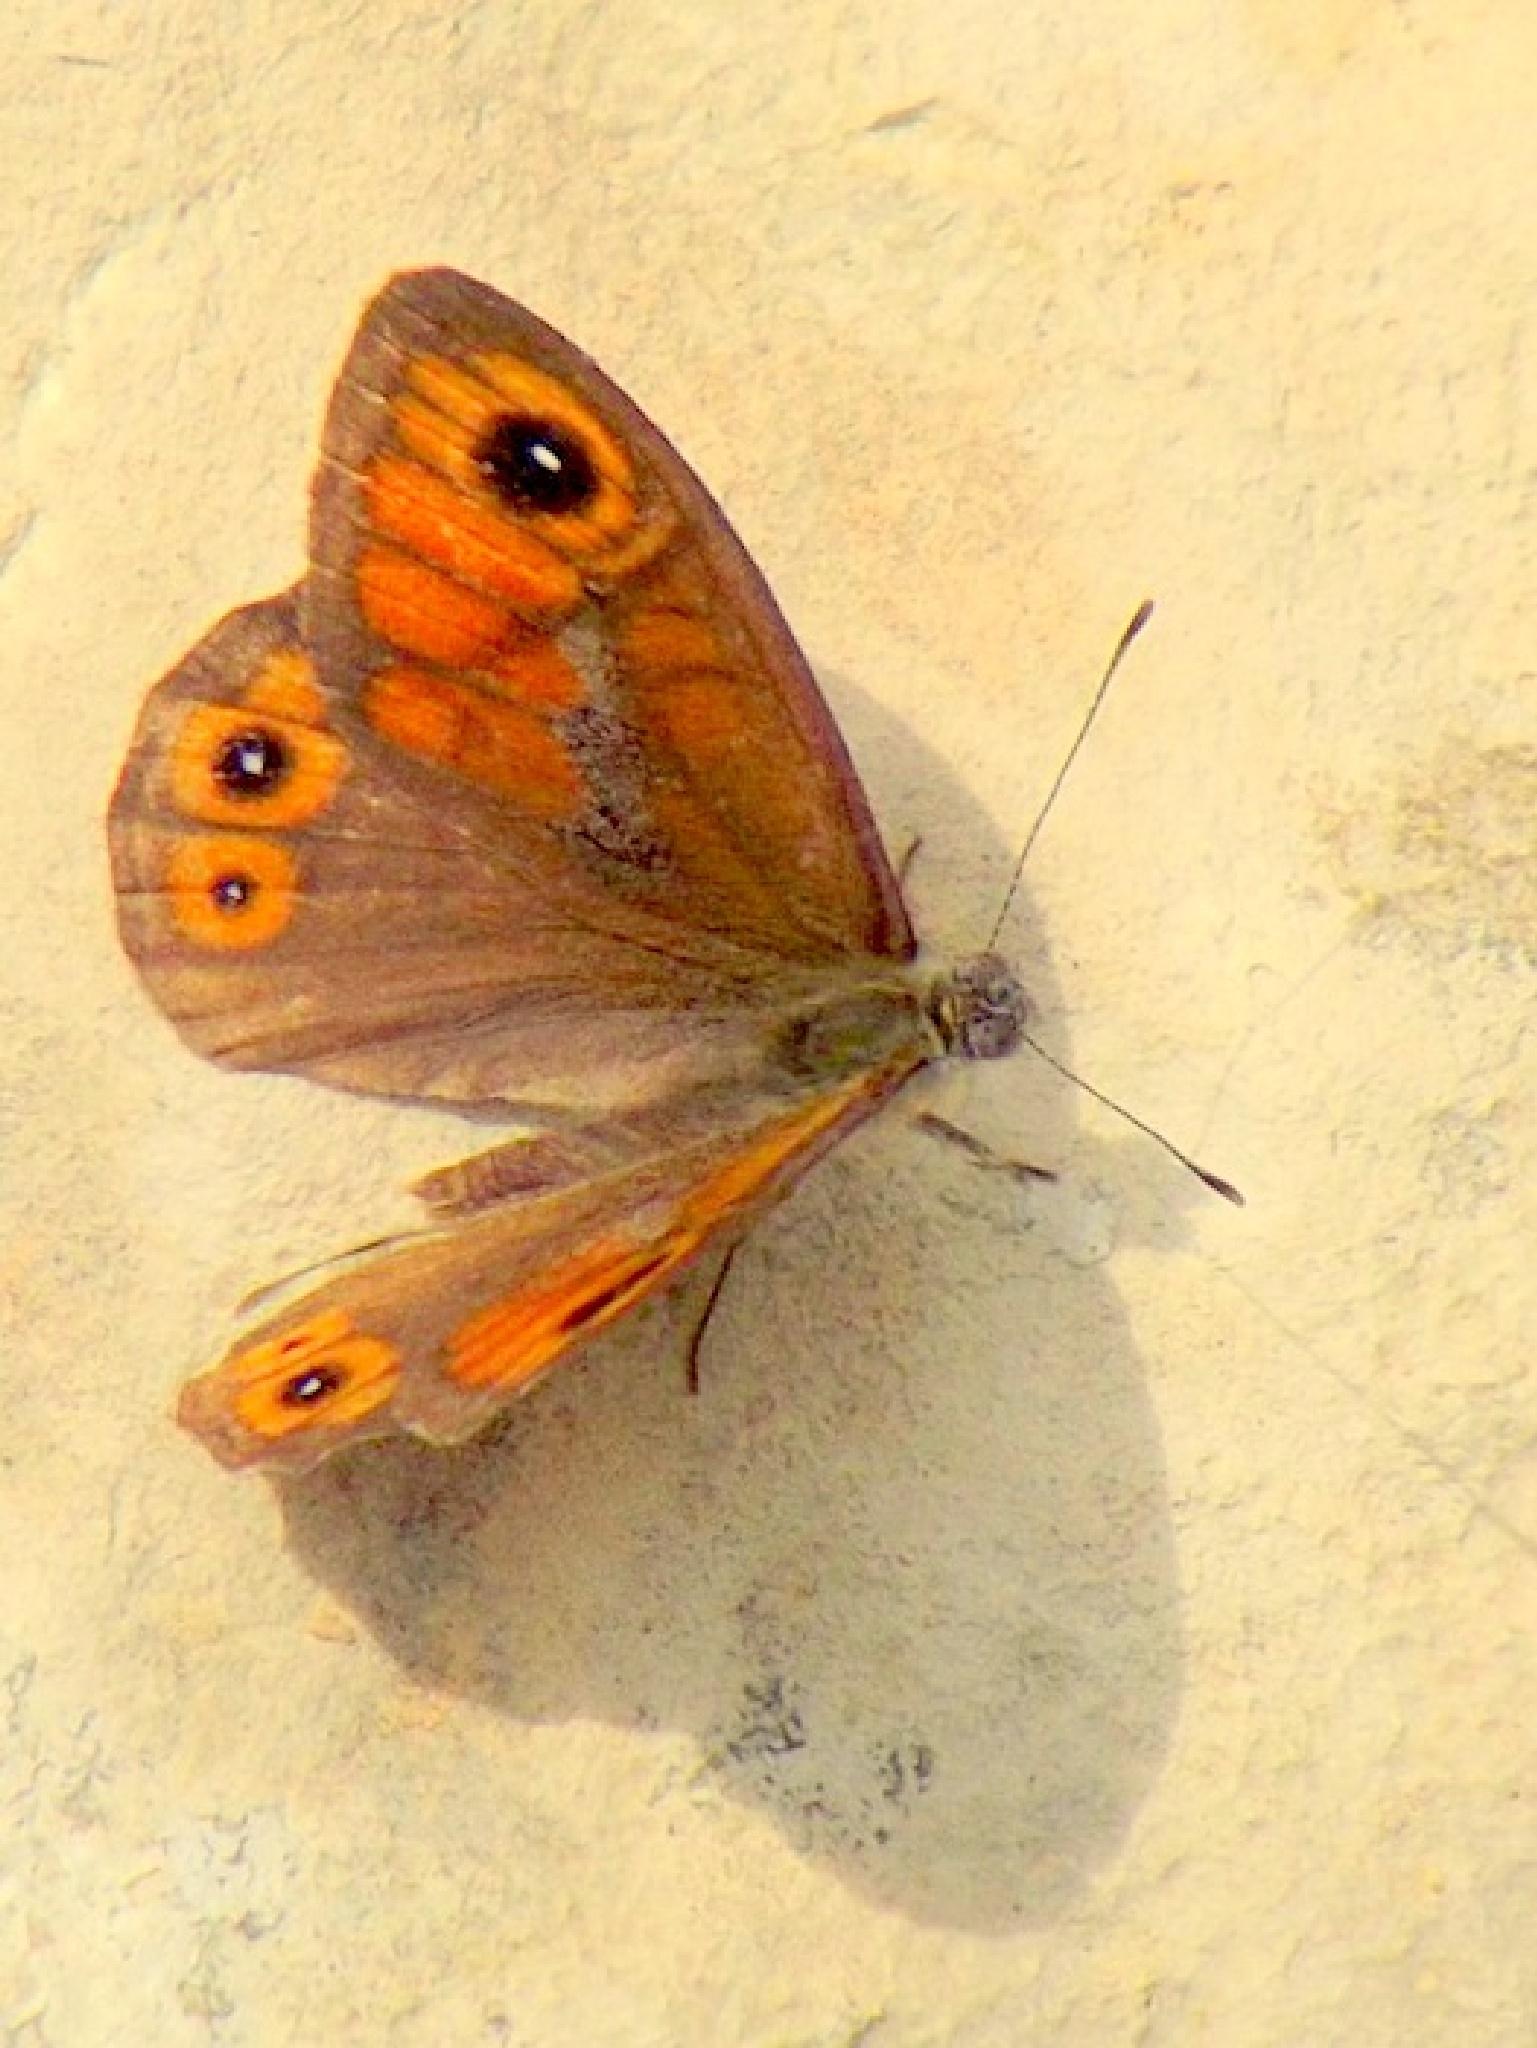 Butterfly by Alp Emirhan Küpeli